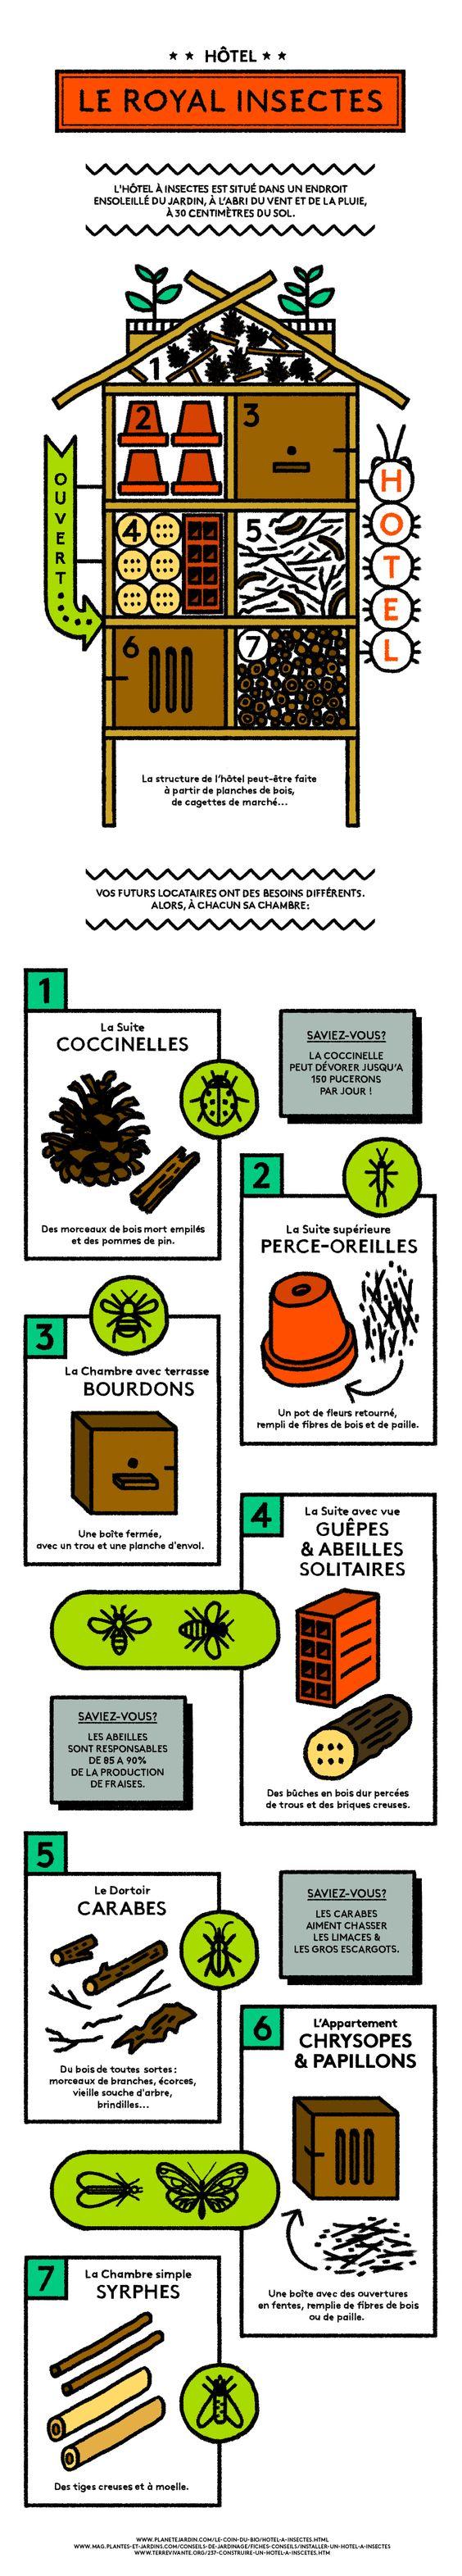 comment construire un h tel insectes living circular h tel insectes pinterest. Black Bedroom Furniture Sets. Home Design Ideas